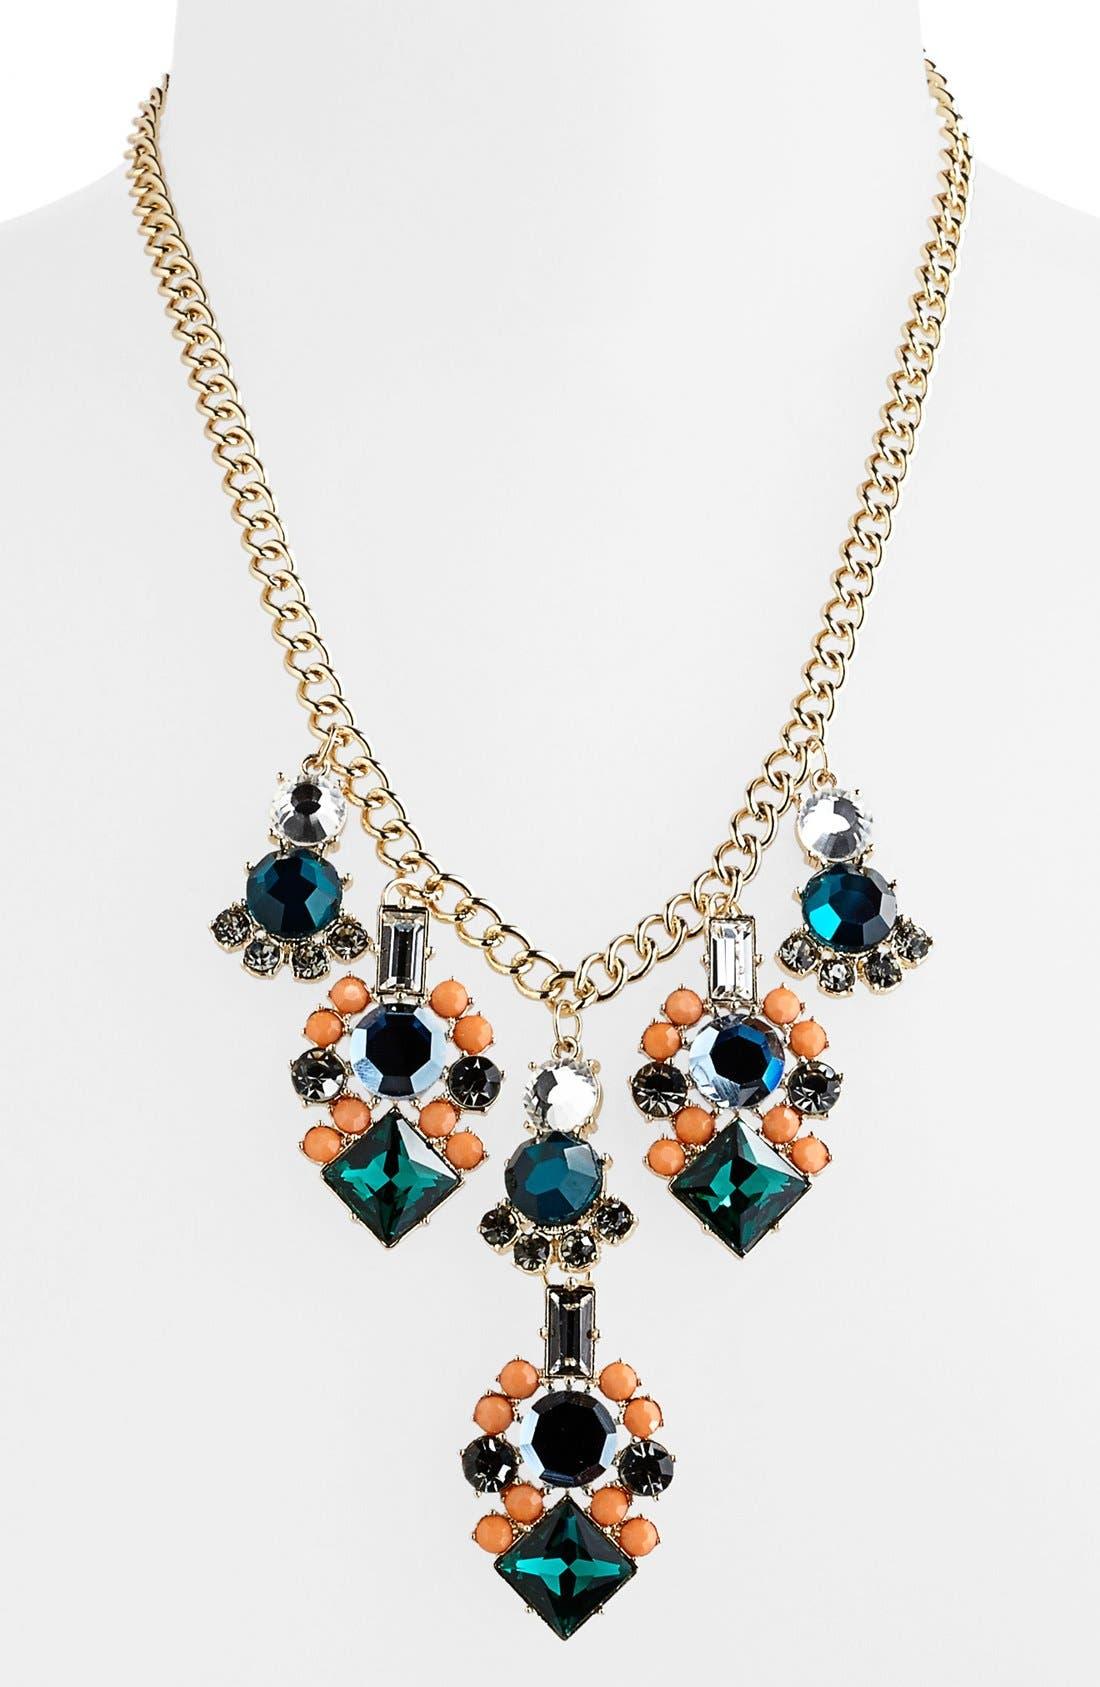 Alternate Image 1 Selected - Tildon 'Vintage' Statement Necklace